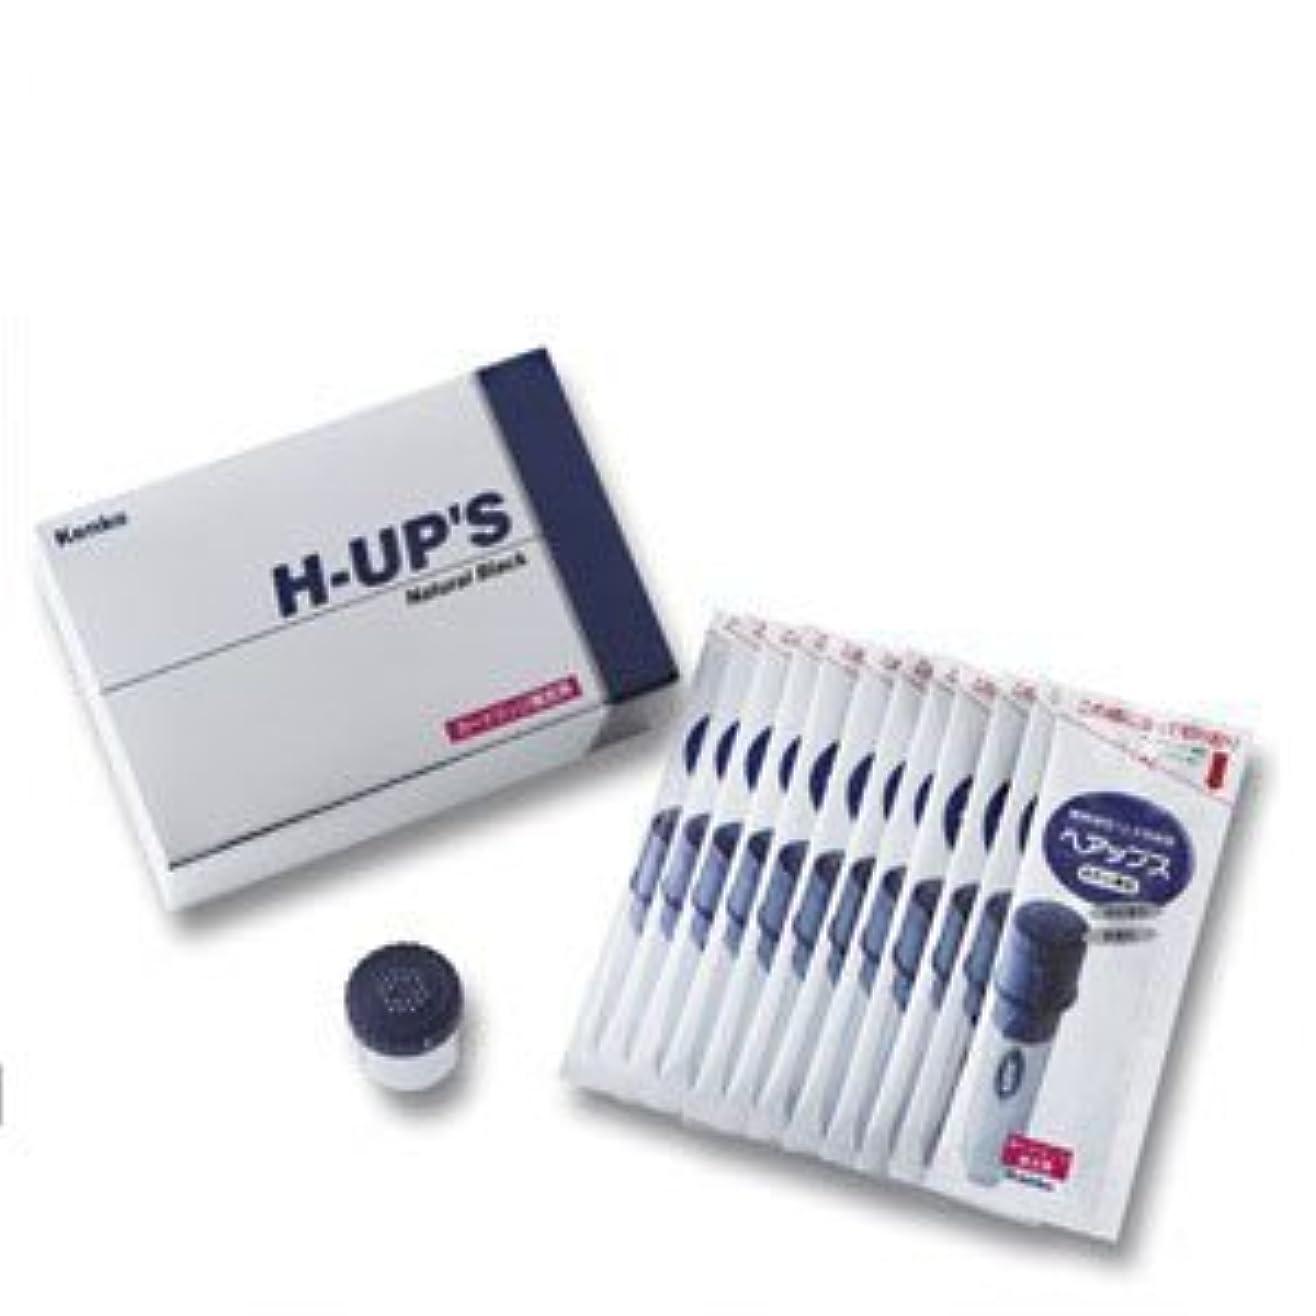 オリエンテーション折申し立てるH-UP S ヘアップス 補充用カートリッジ 頭皮薄毛カバー粉末 ブラウン